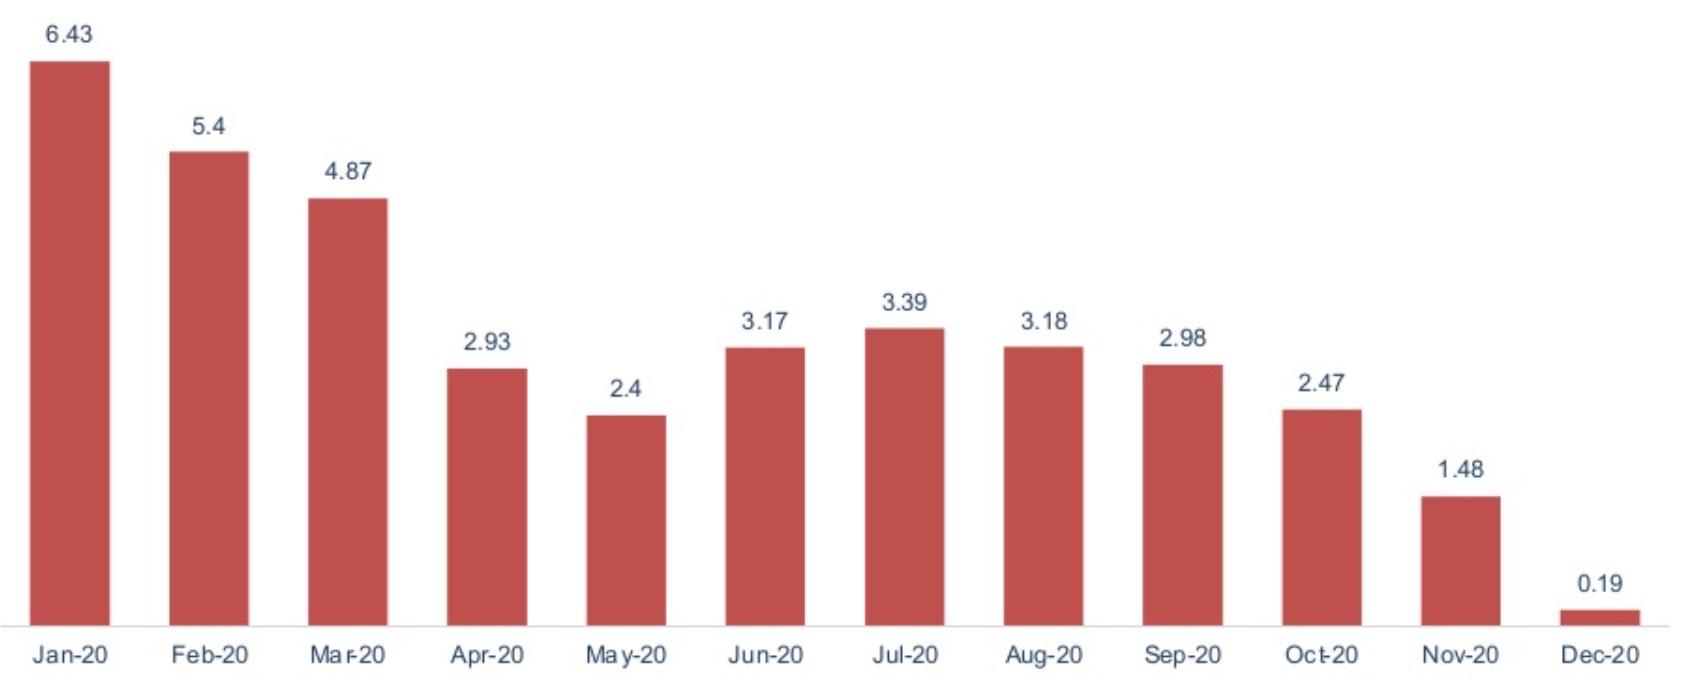 Chỉ số giá tiêu dùng CPI hàng tháng trong năm 2020